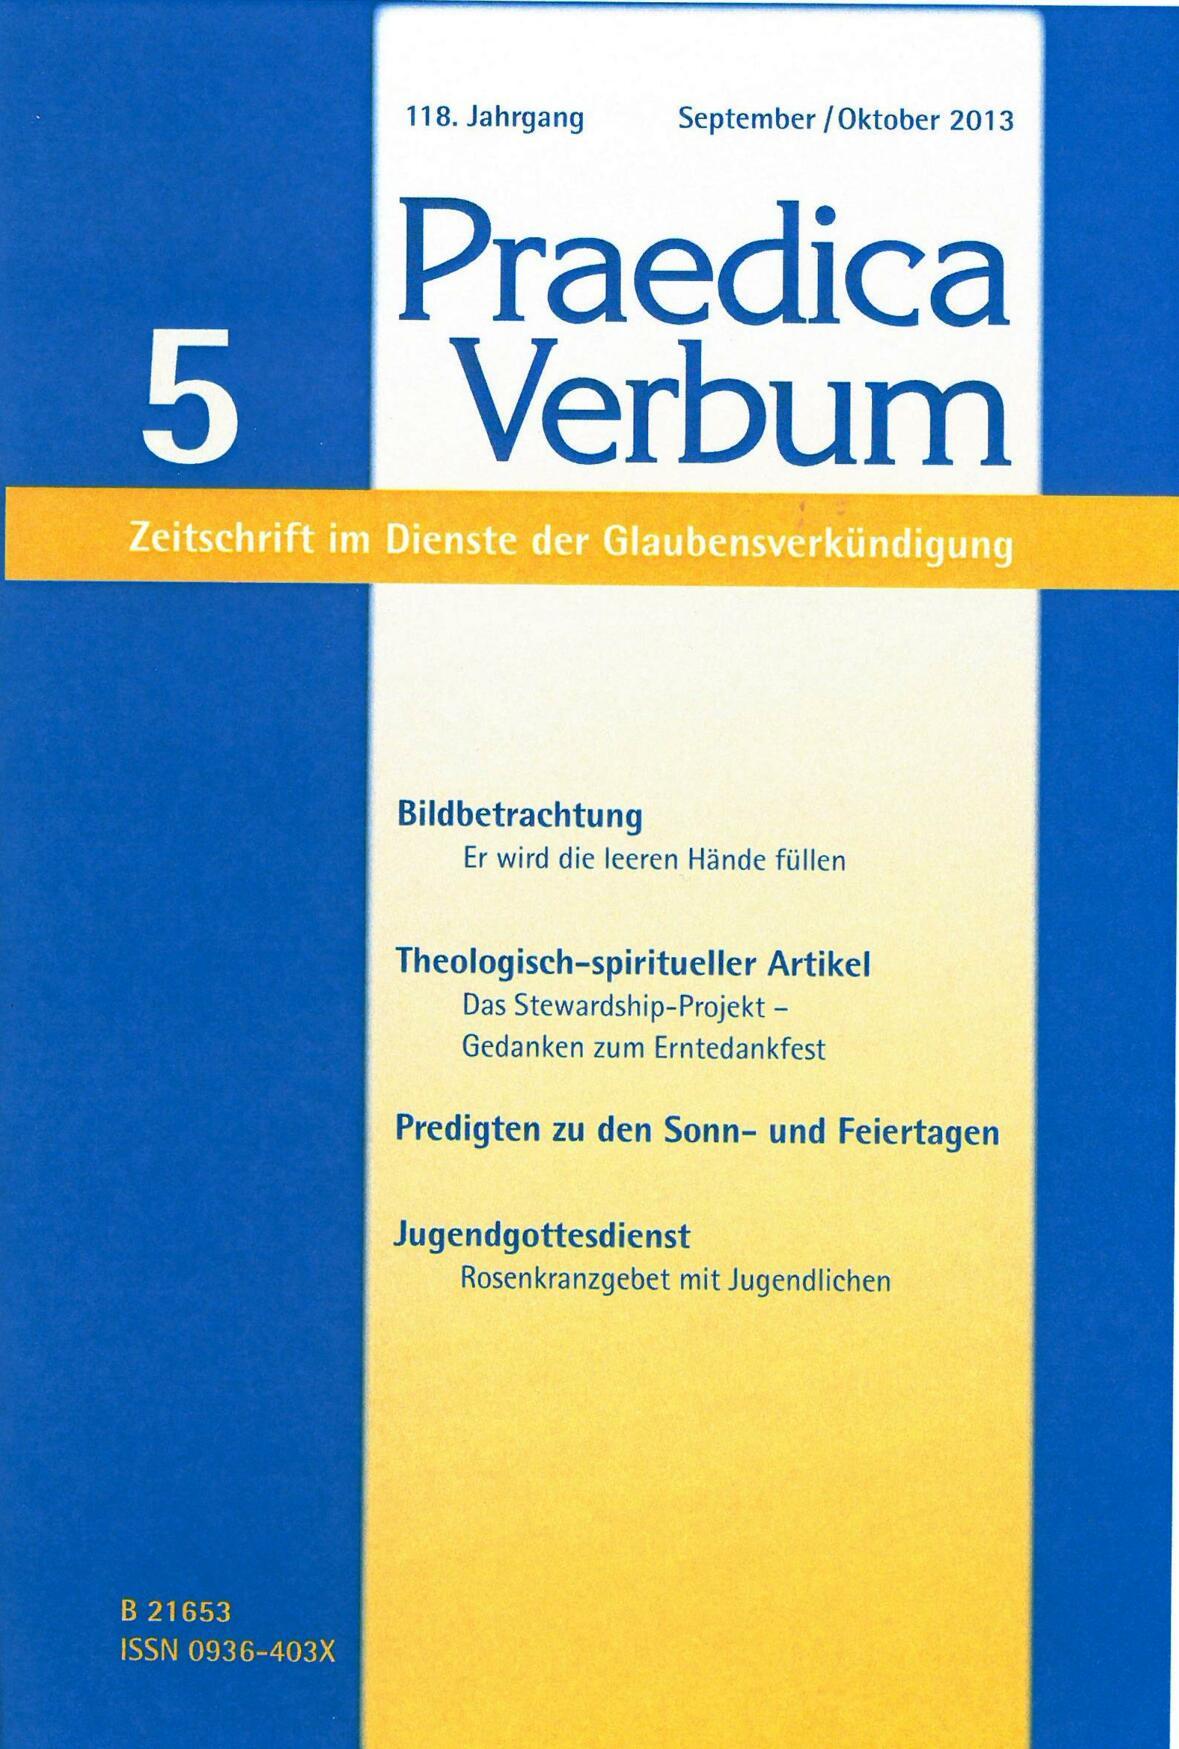 Umschlag Praedica Verbum